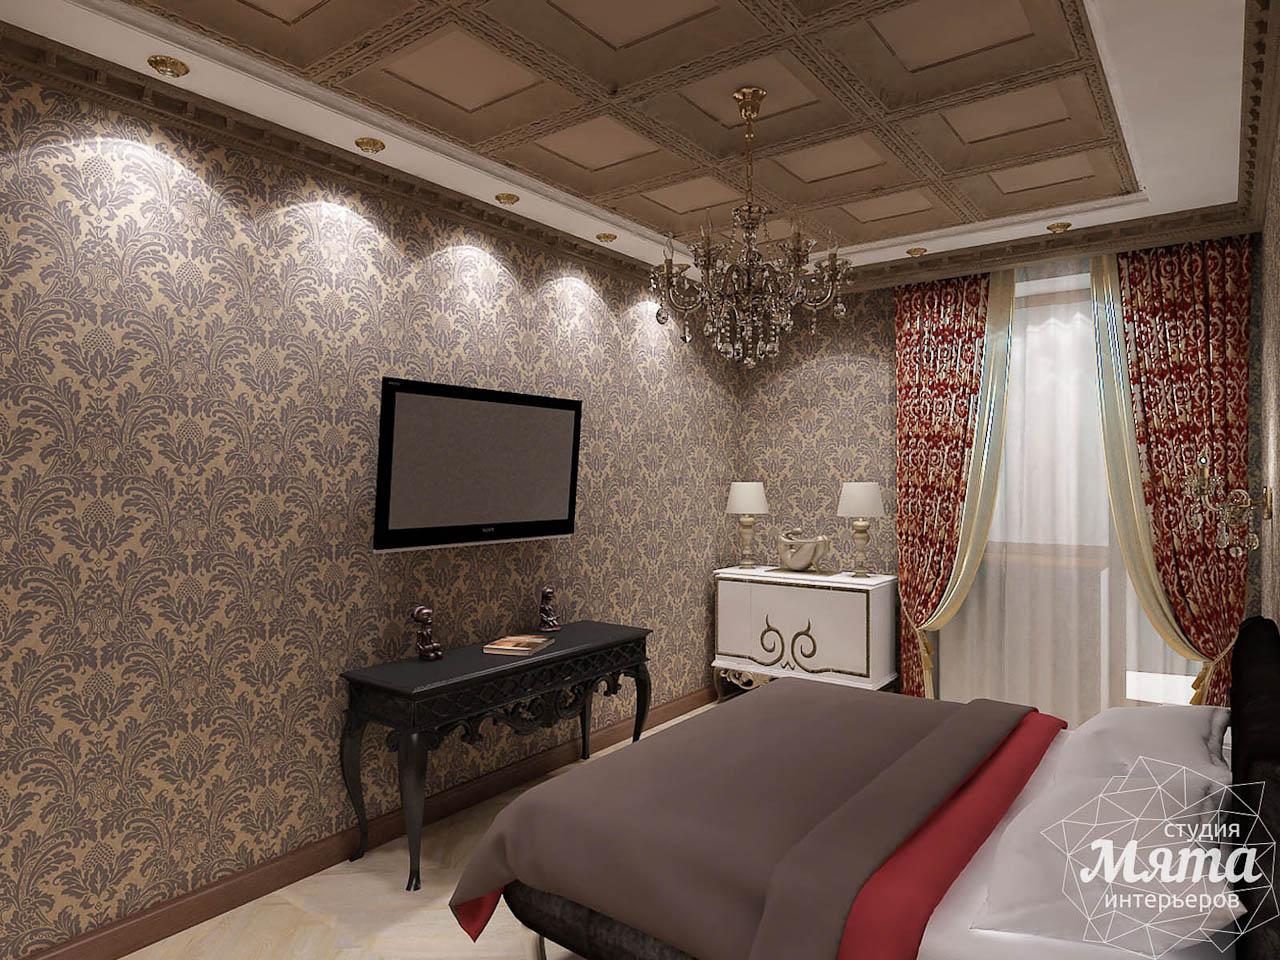 Дизайн интерьера двухкомнатной квартиры по ул. Мельникова 38 img1396042397